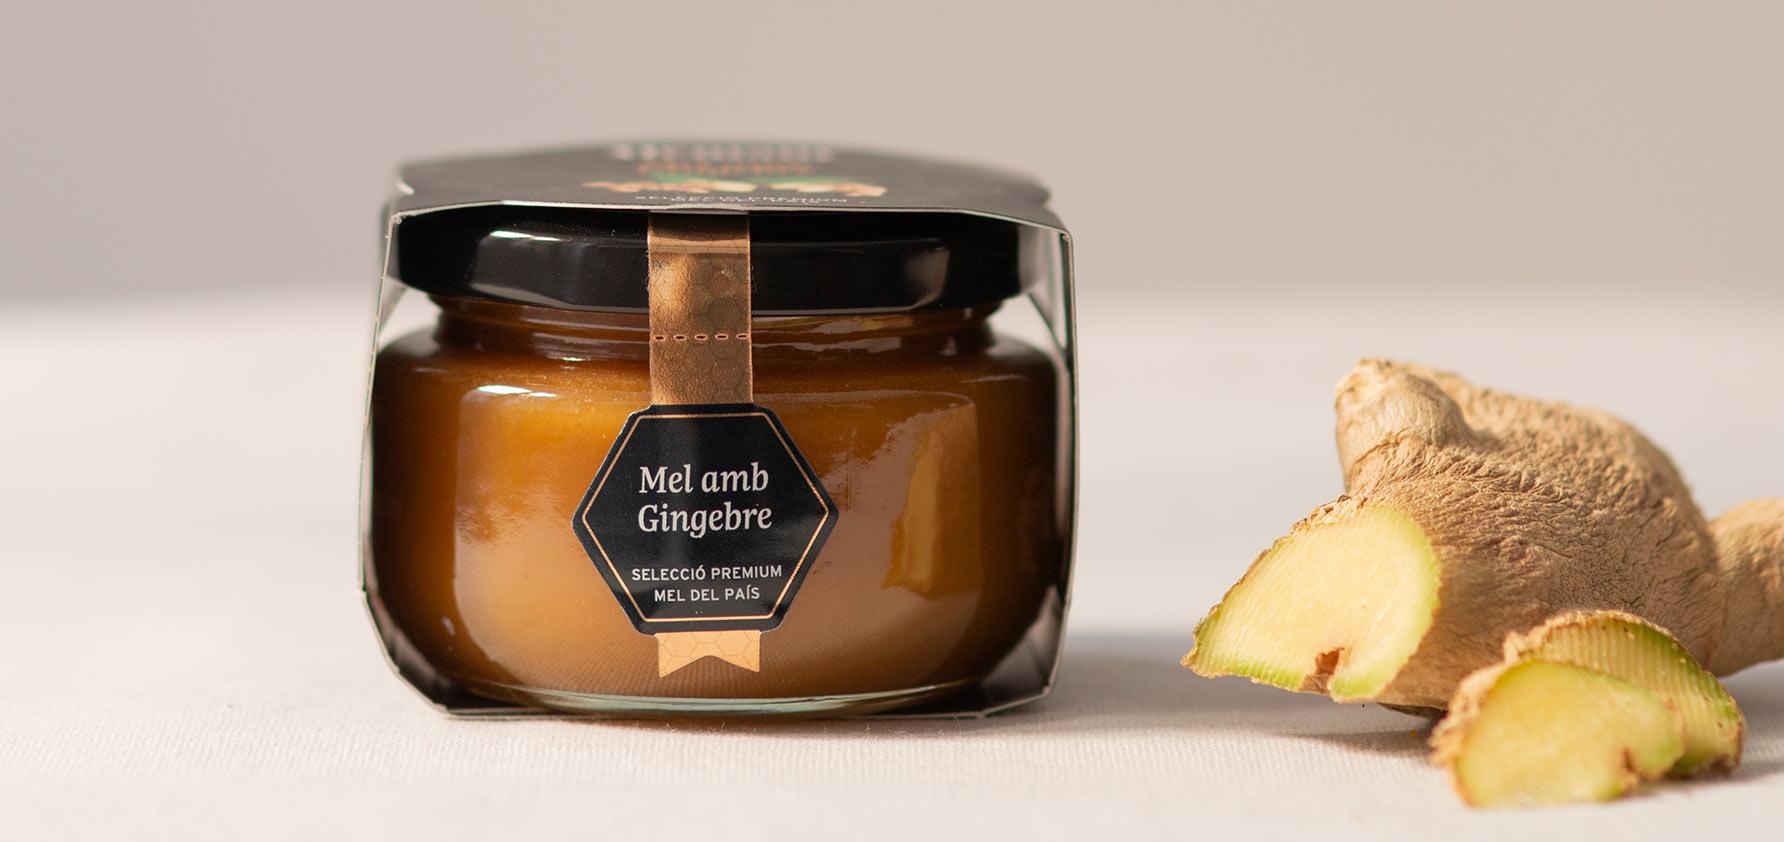 Cap de llom amb reducció agredolça (mel amb gingebre) i carxofes confitades